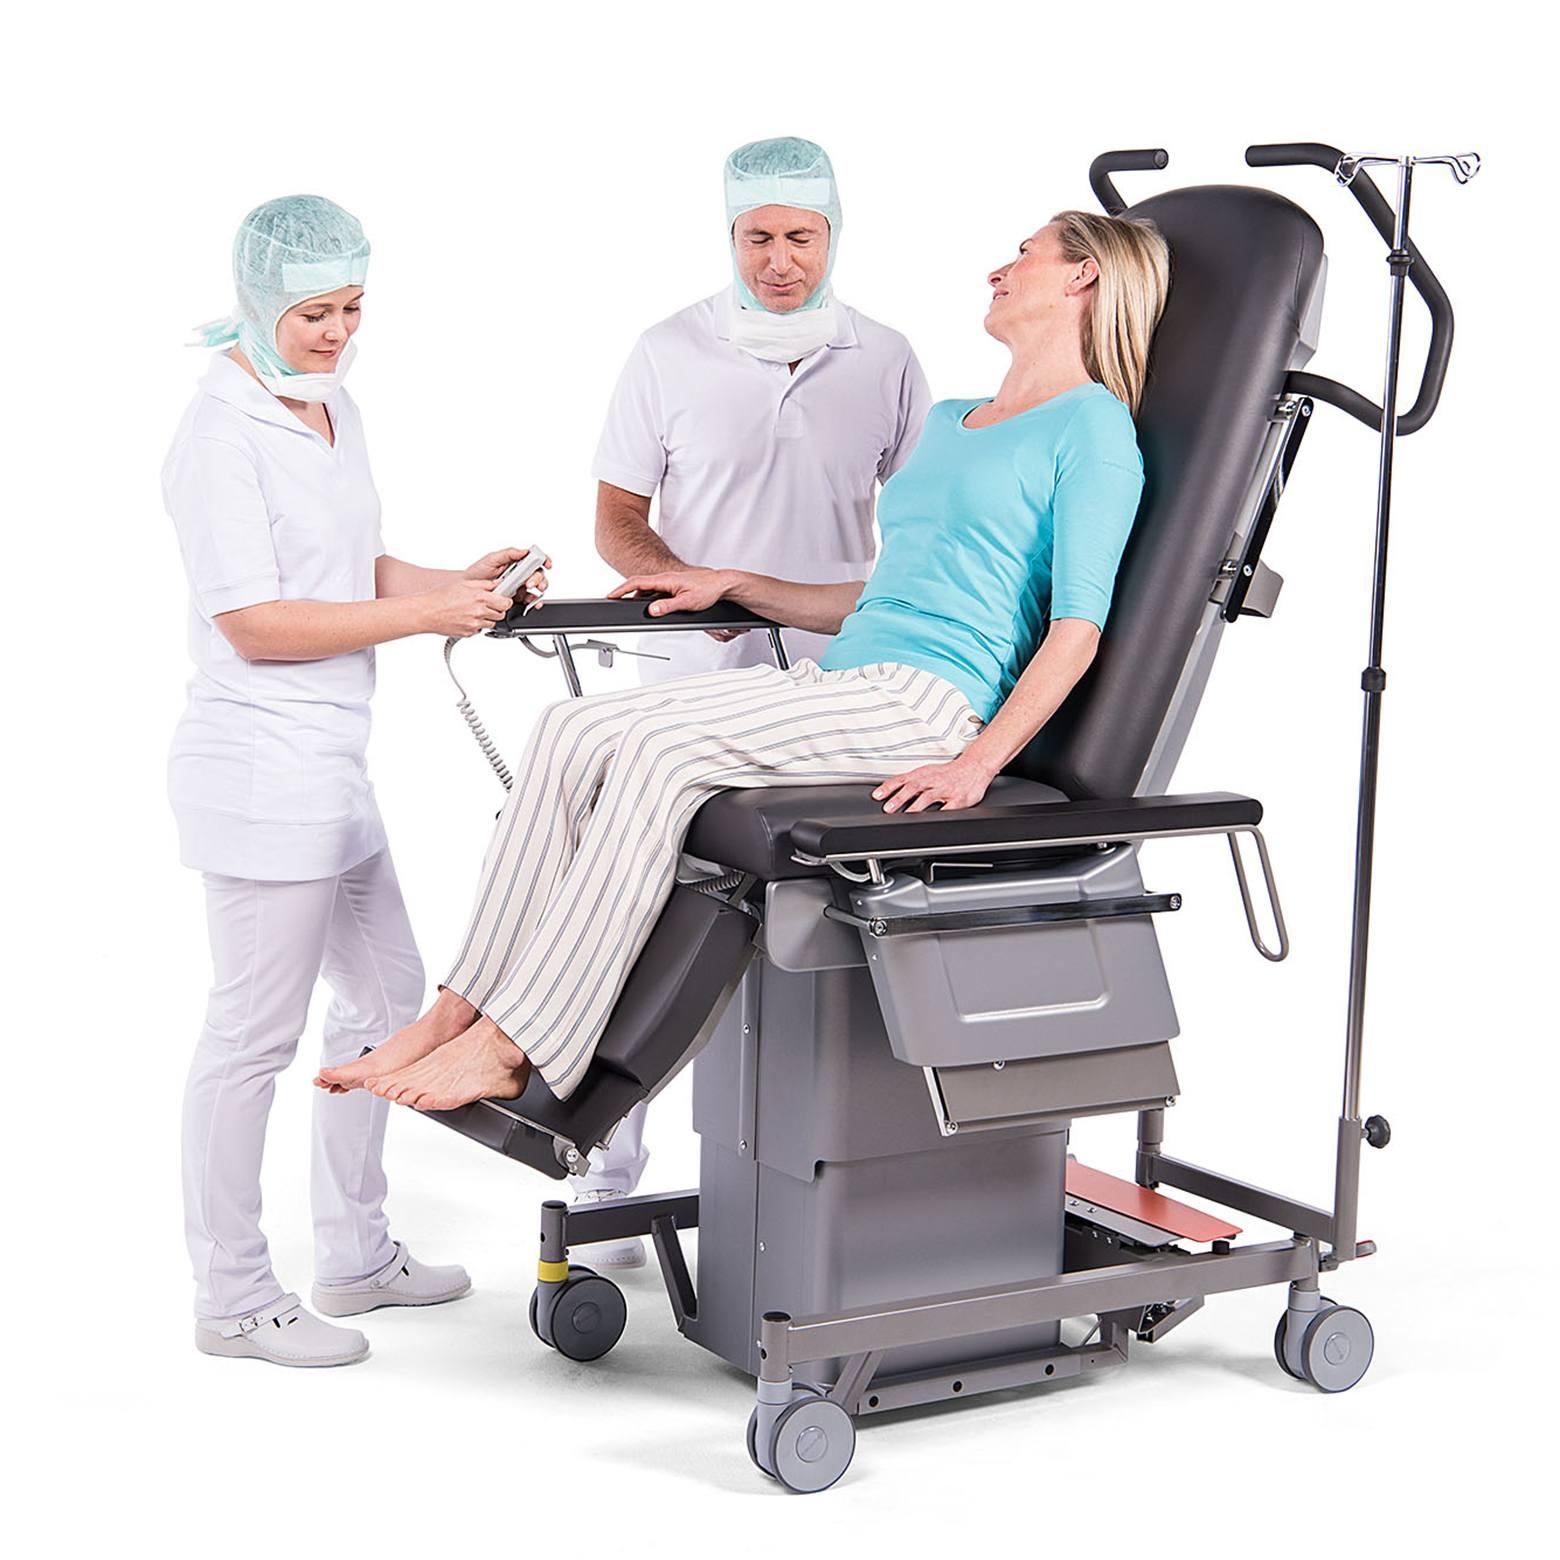 Patientstole til alle formål fra Alcyon